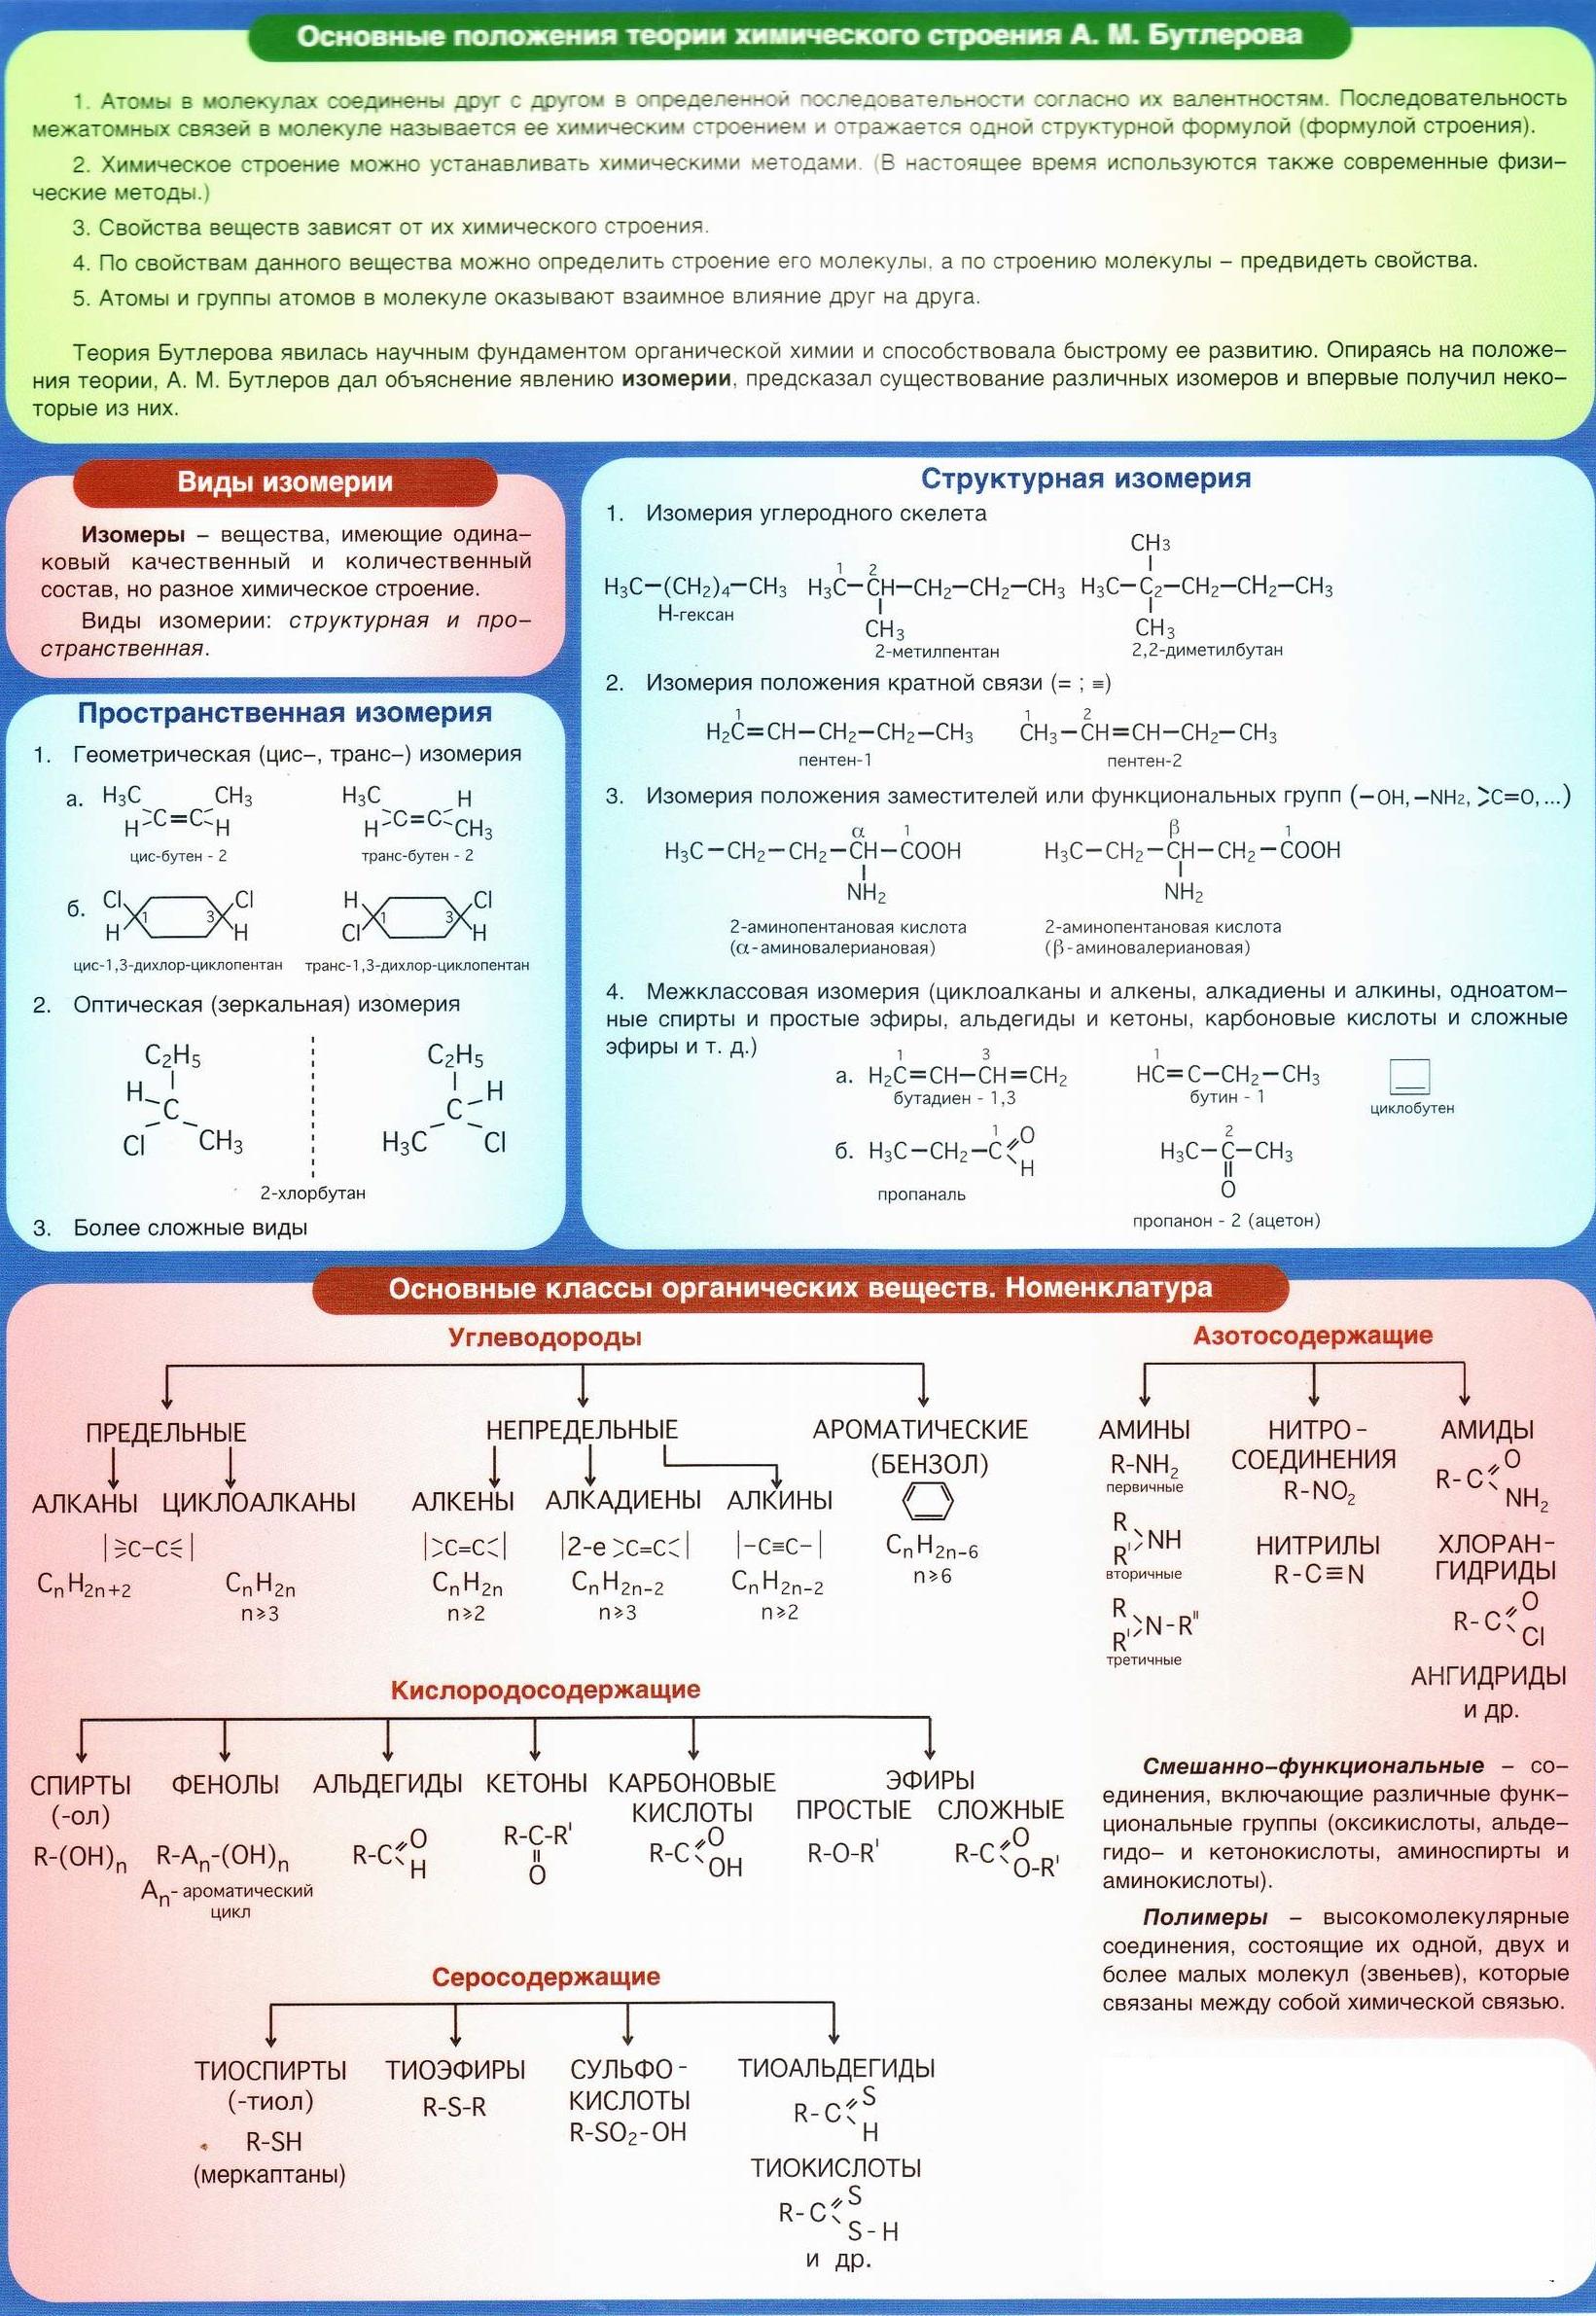 Теория Бутлерова. Виды изомерии. Пространственная изомерия, Структурная изомерия, основные классы органических веществ - углеводороды, кислородосодержащие, серосодержащие, азотосодержащие.